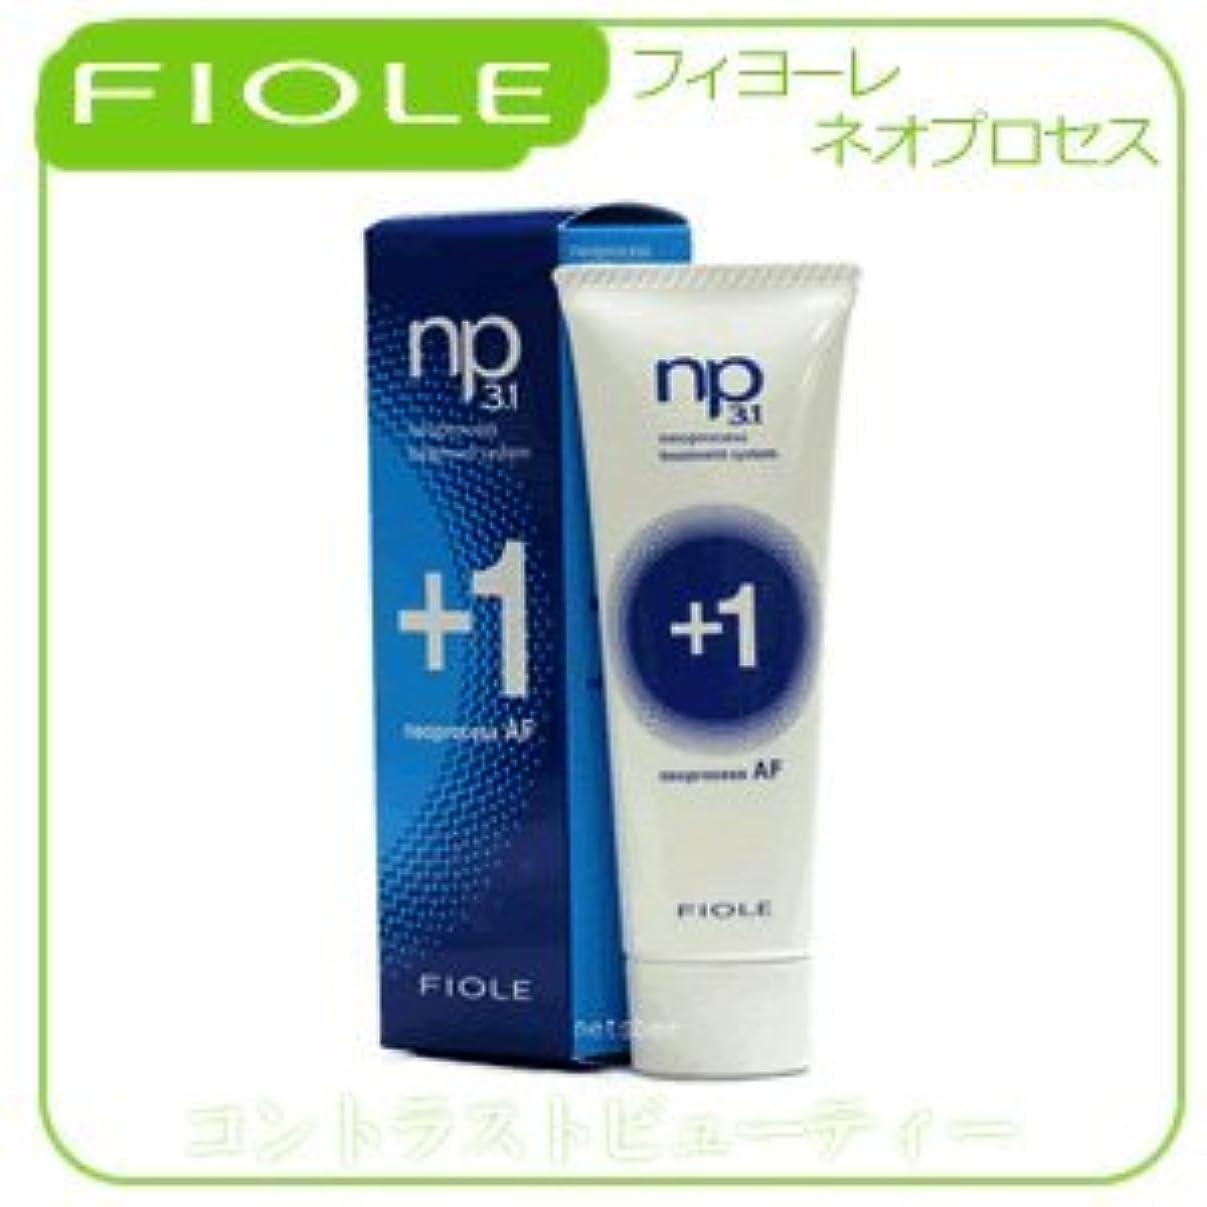 テザーエアコンペルメル【X5個セット】 フィヨーレ NP3.1 ネオプロセス AFプラス1 240g FIOLE ネオプロセス